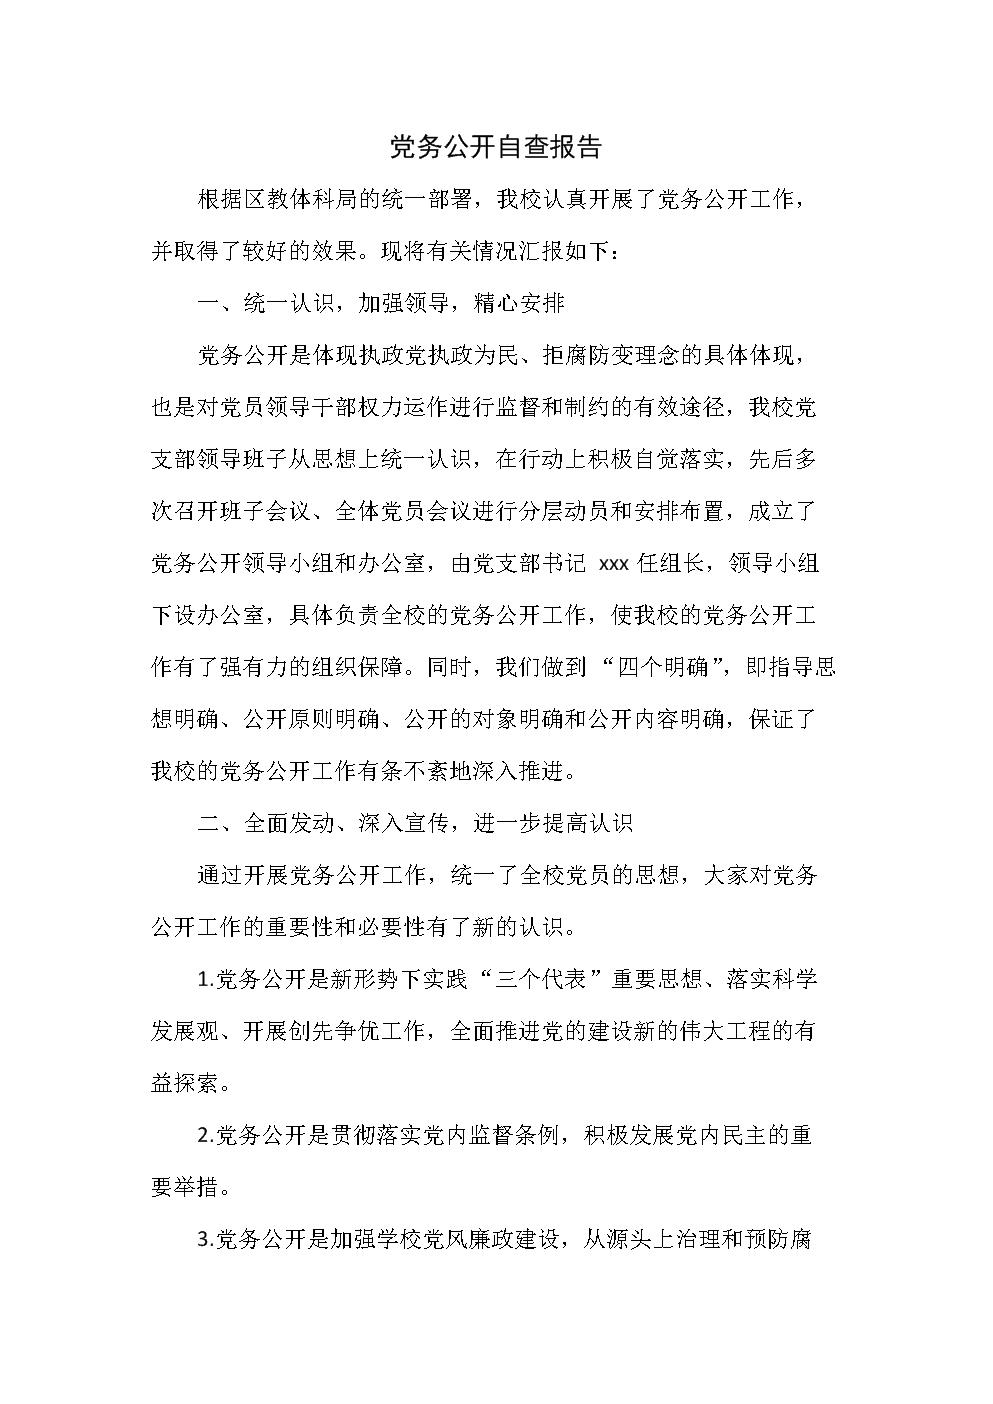 党务公开自查报告精选.doc